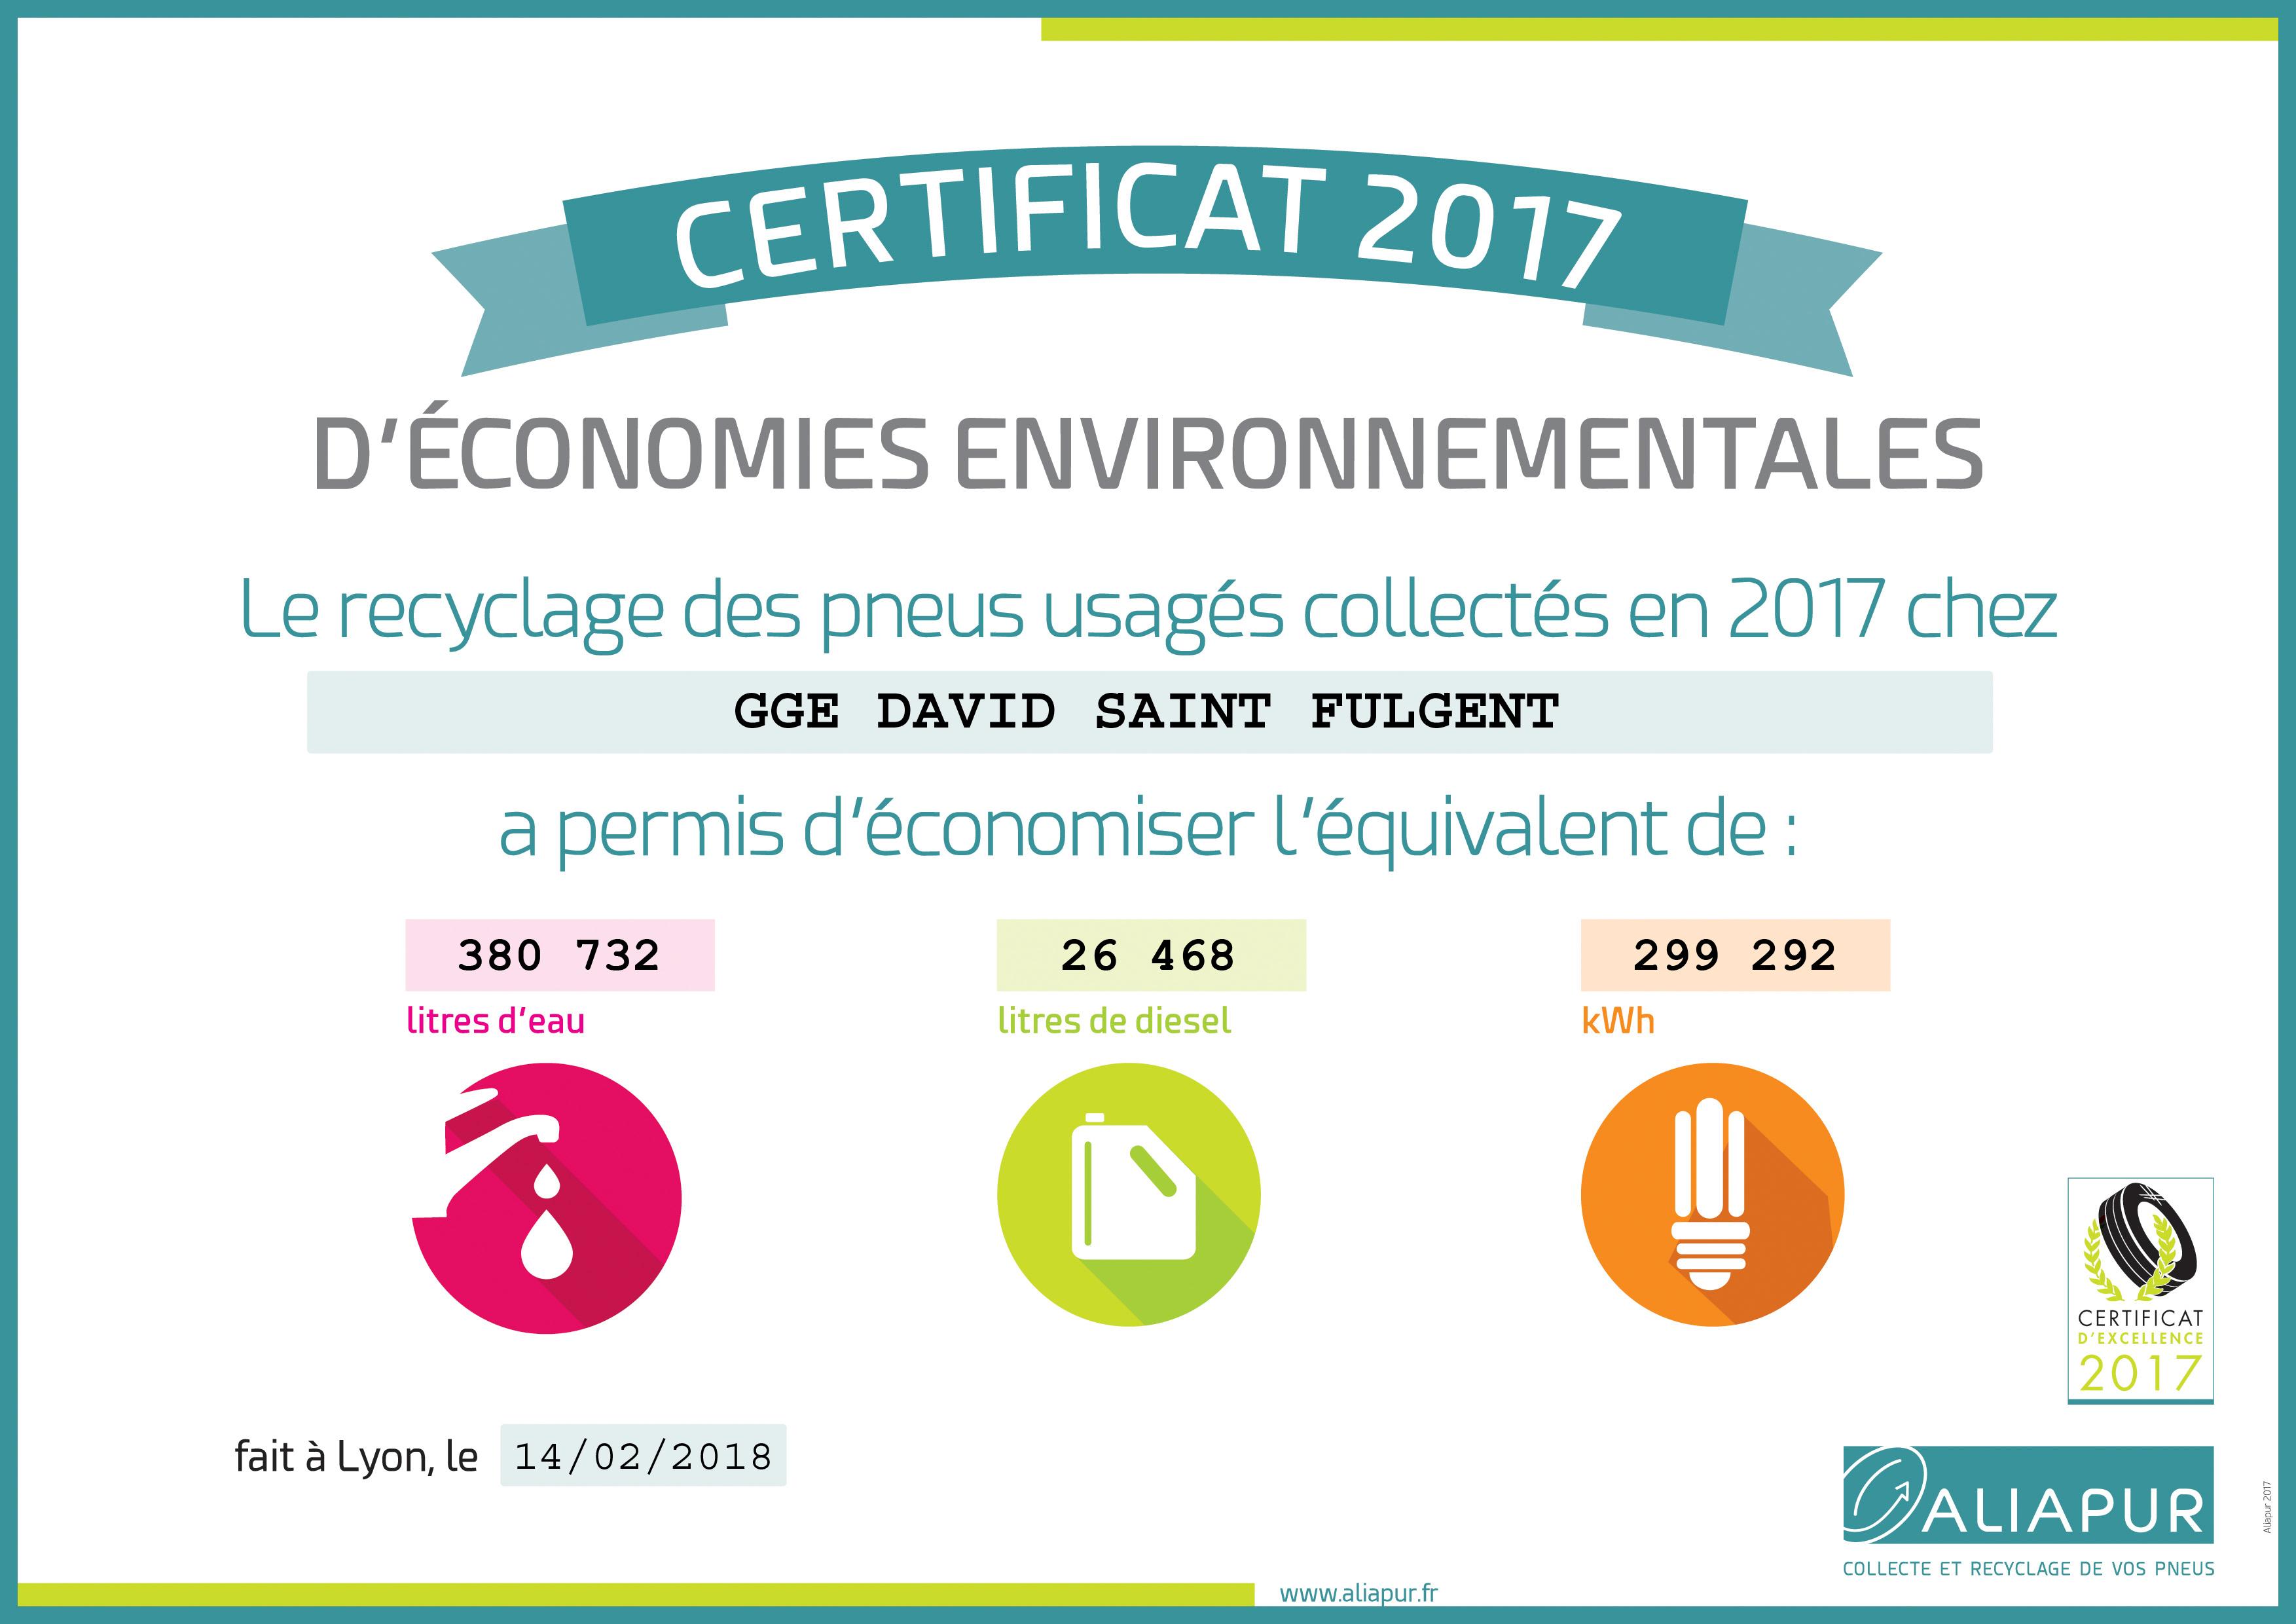 Certificat 2017 d'économies environnementales au Garage David à Saint Fulgent en Vendée